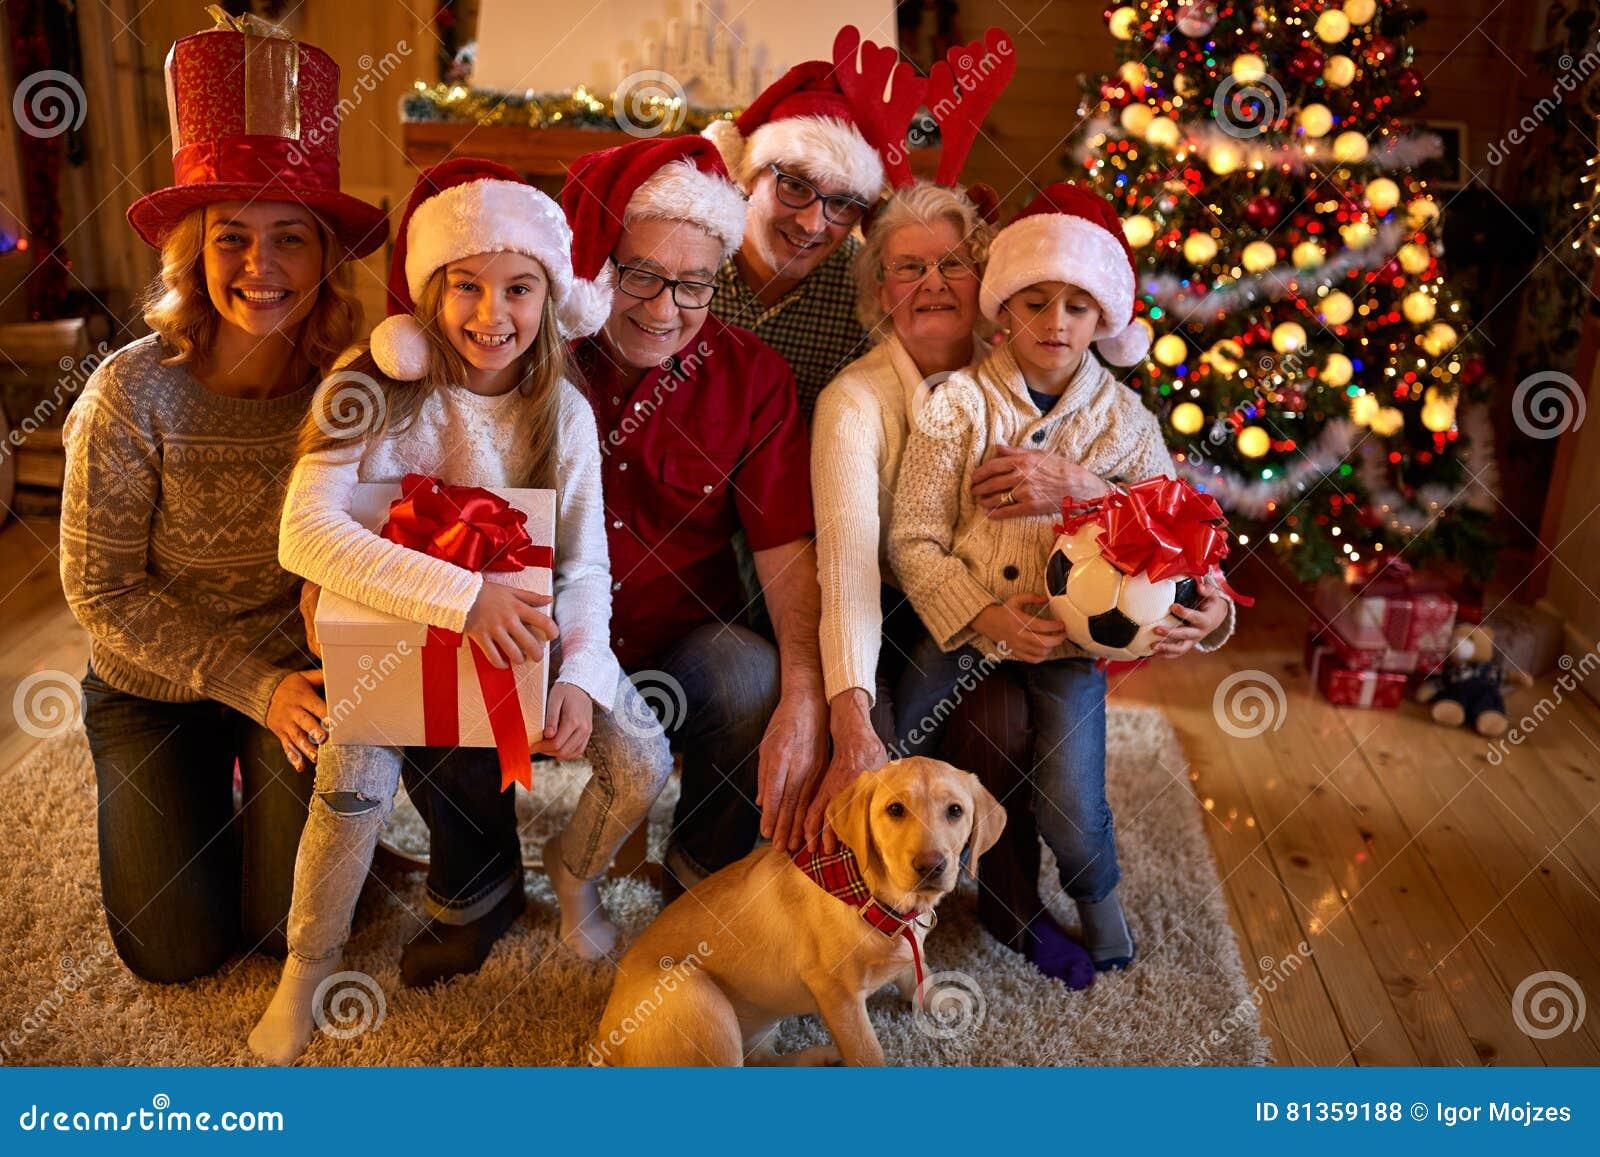 Lächelnde Familie Mit Geschenken Und Hund An Weihnachten Stockfoto ...